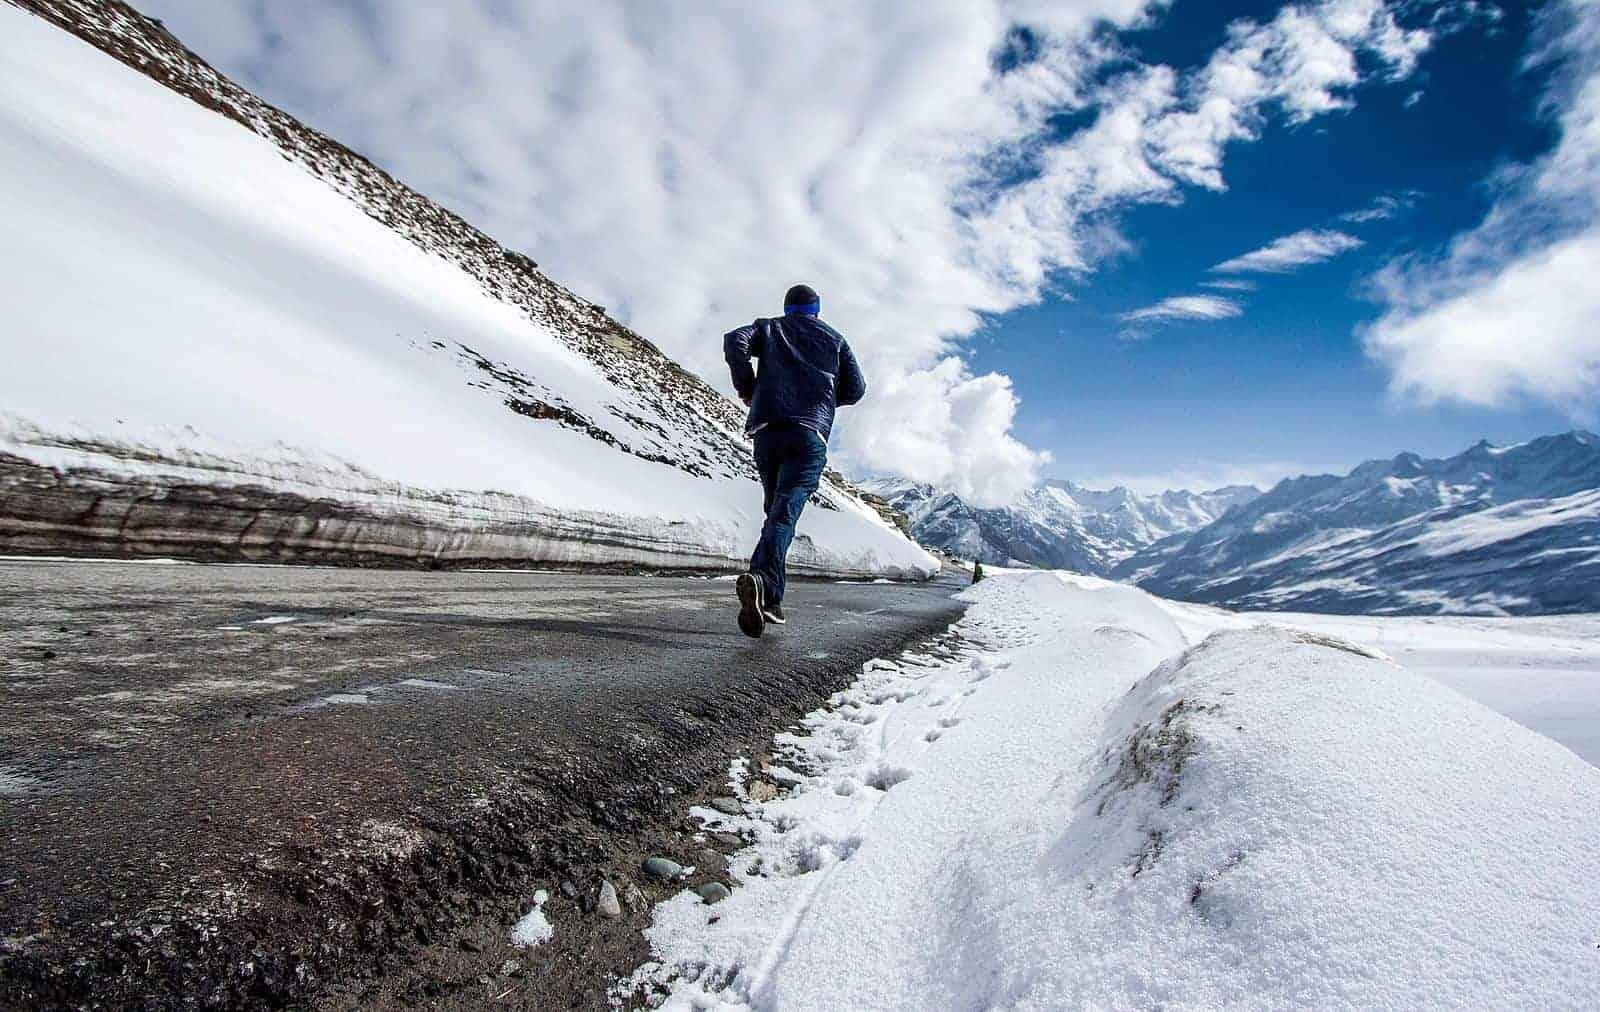 5 dolog, amire oda kell figyelni a téli sportolásnál